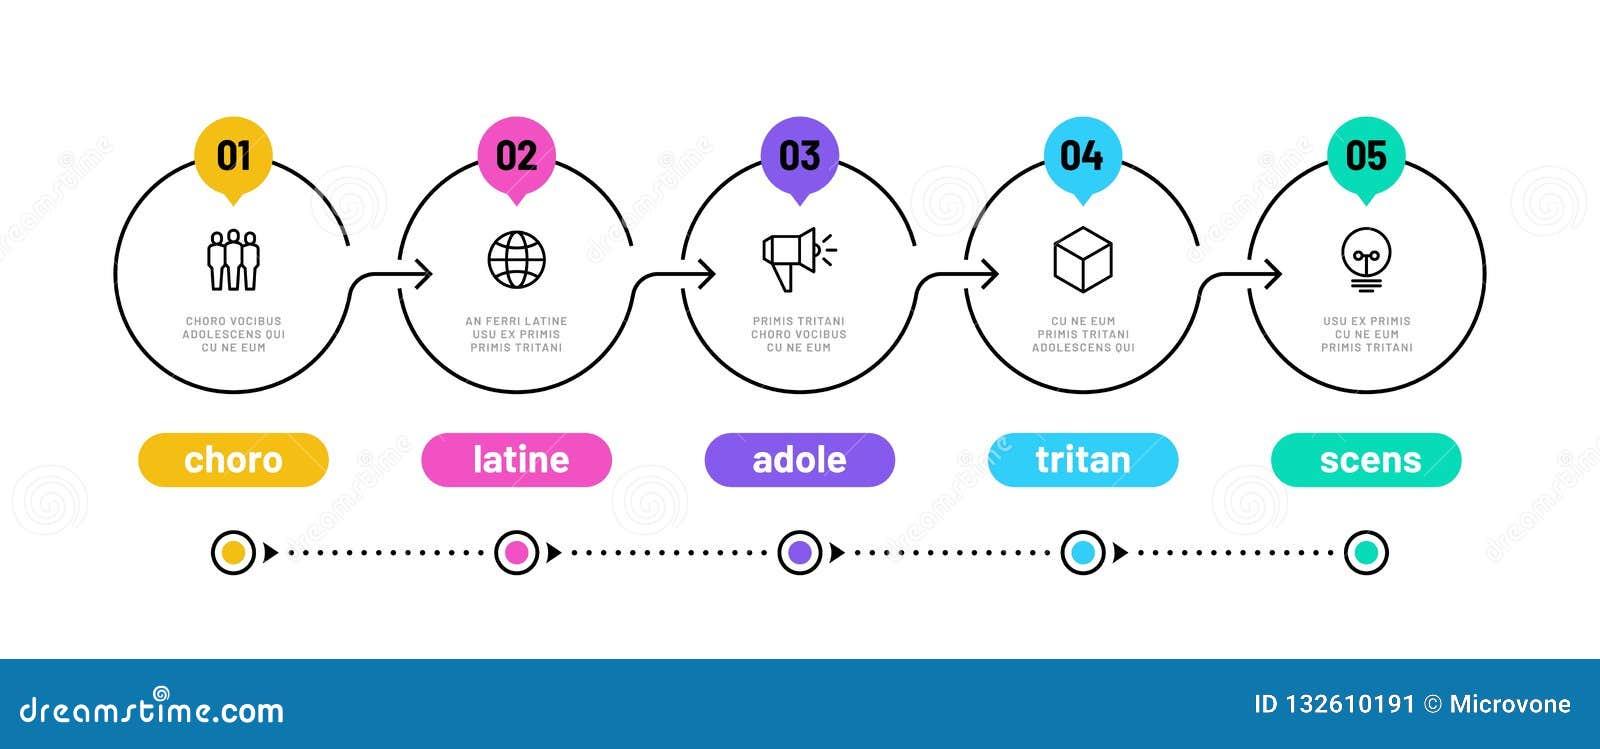 Βήμα γραμμών infographic διάγραμμα ροής της δουλειάς 5 επιλογών, αριθμός υπόδειξης ως προς το χρόνο κύκλων infograph, διάγραμμα β